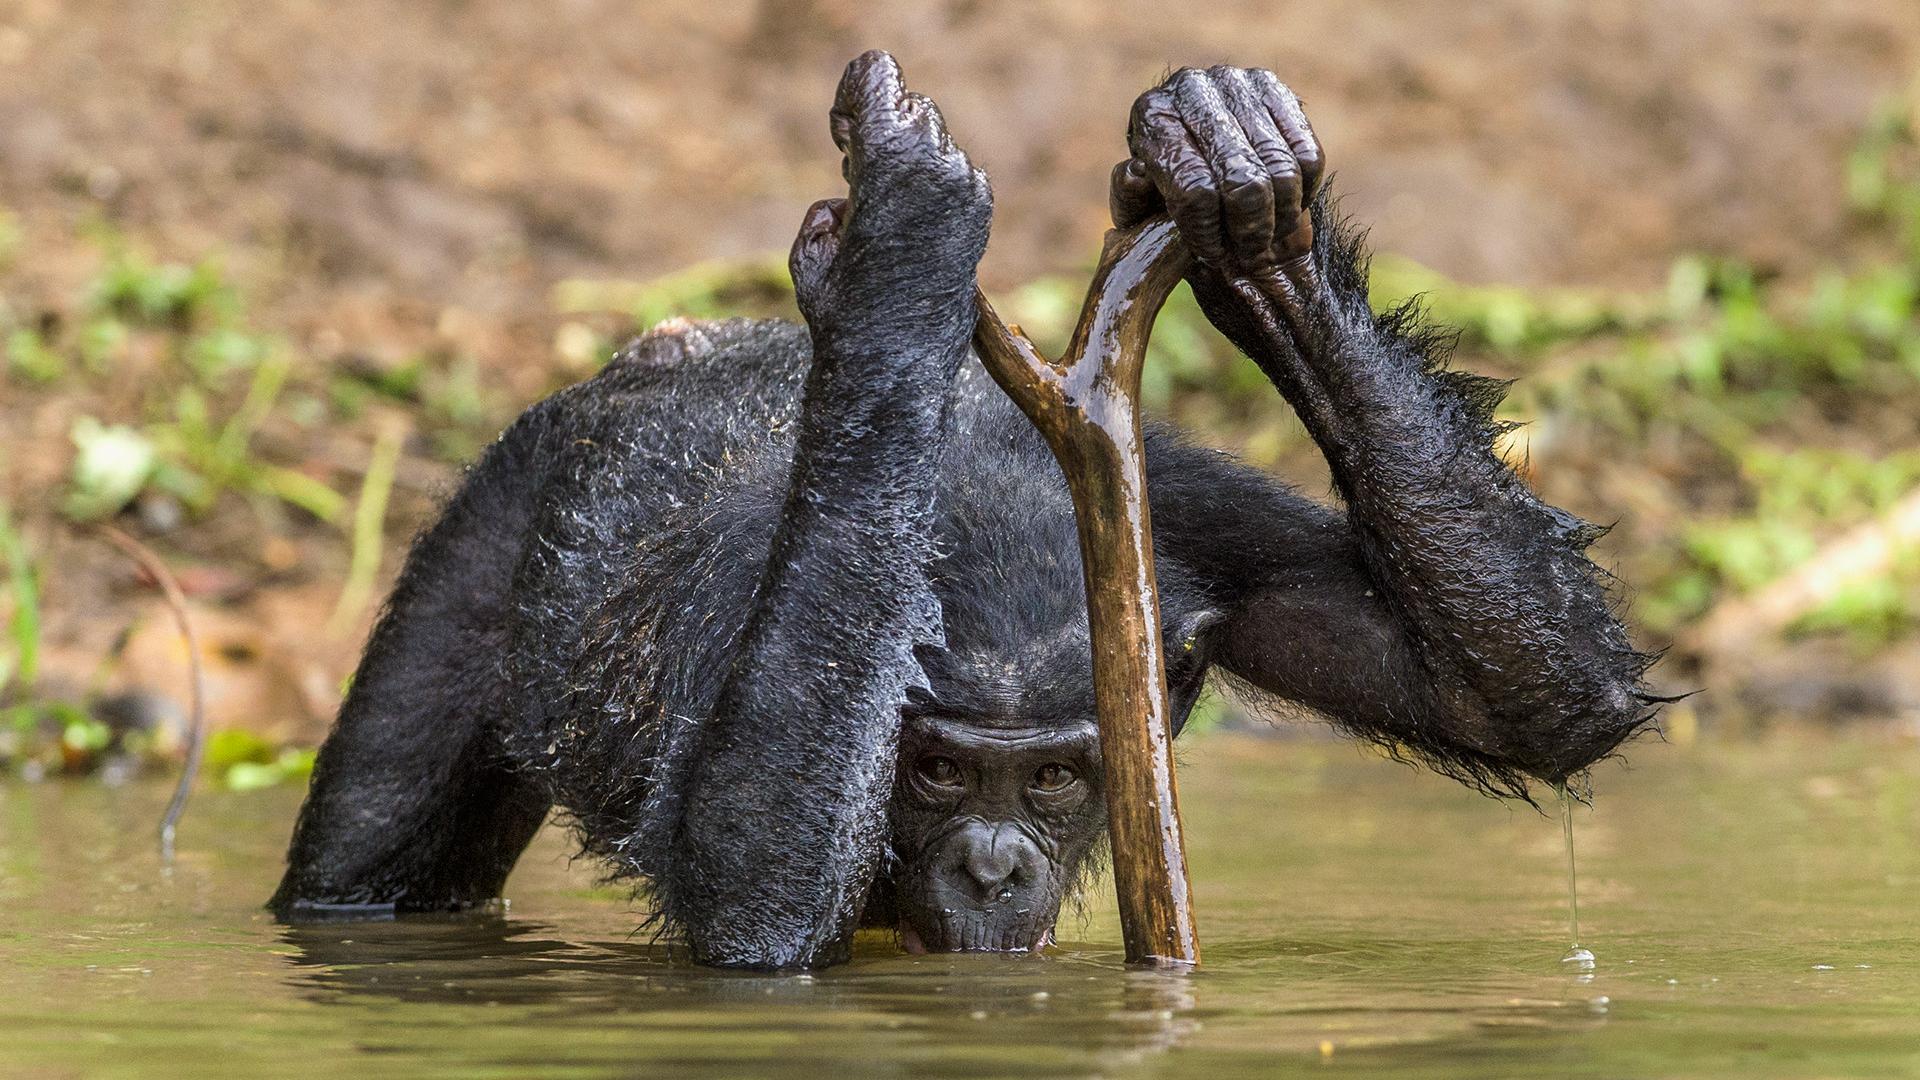 Эволюция людей отчасти может быть связана с более эффективным потреблением воды